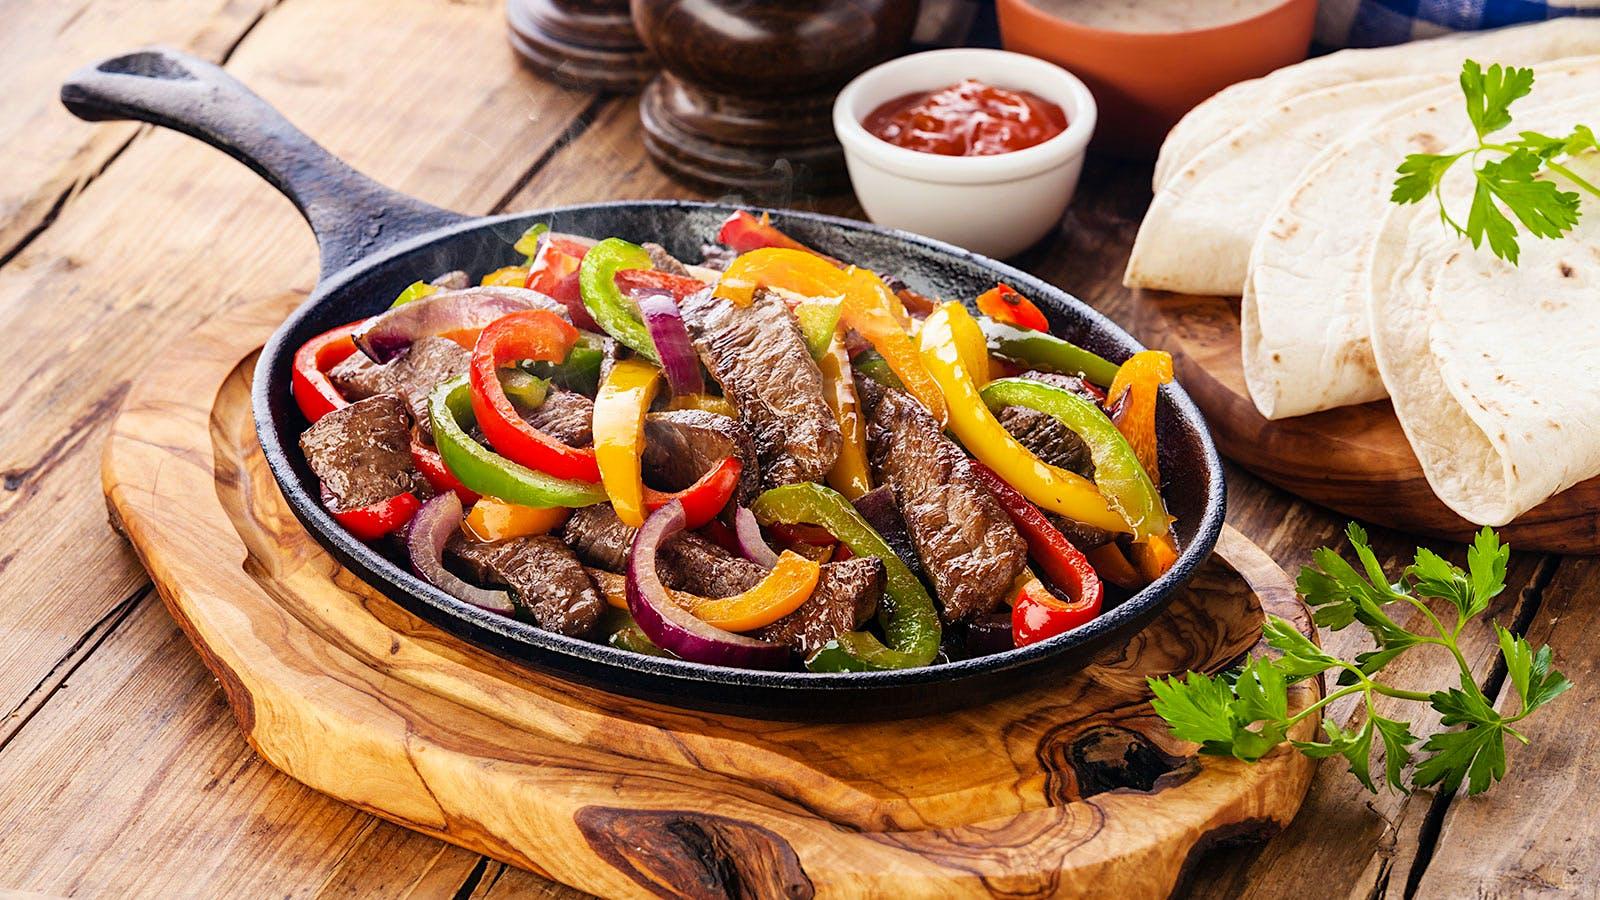 8 & $20: Steak Fajitas